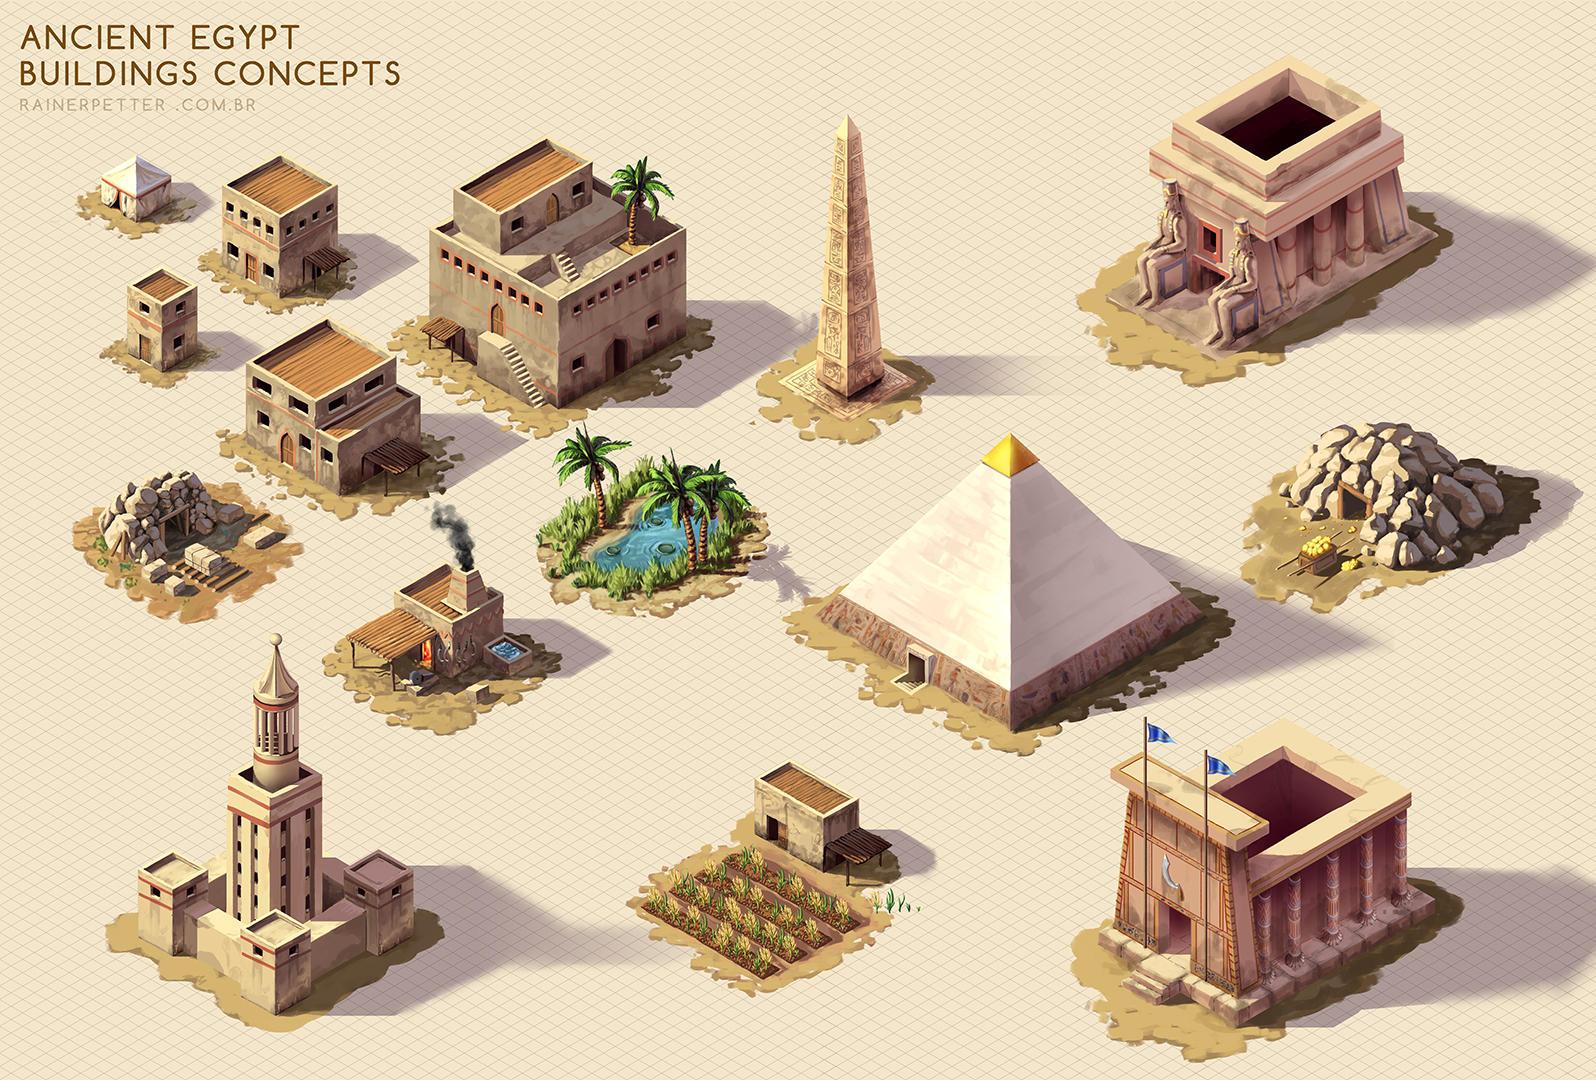 Ancient Egypt - Buildings concepts by rainerpetterart